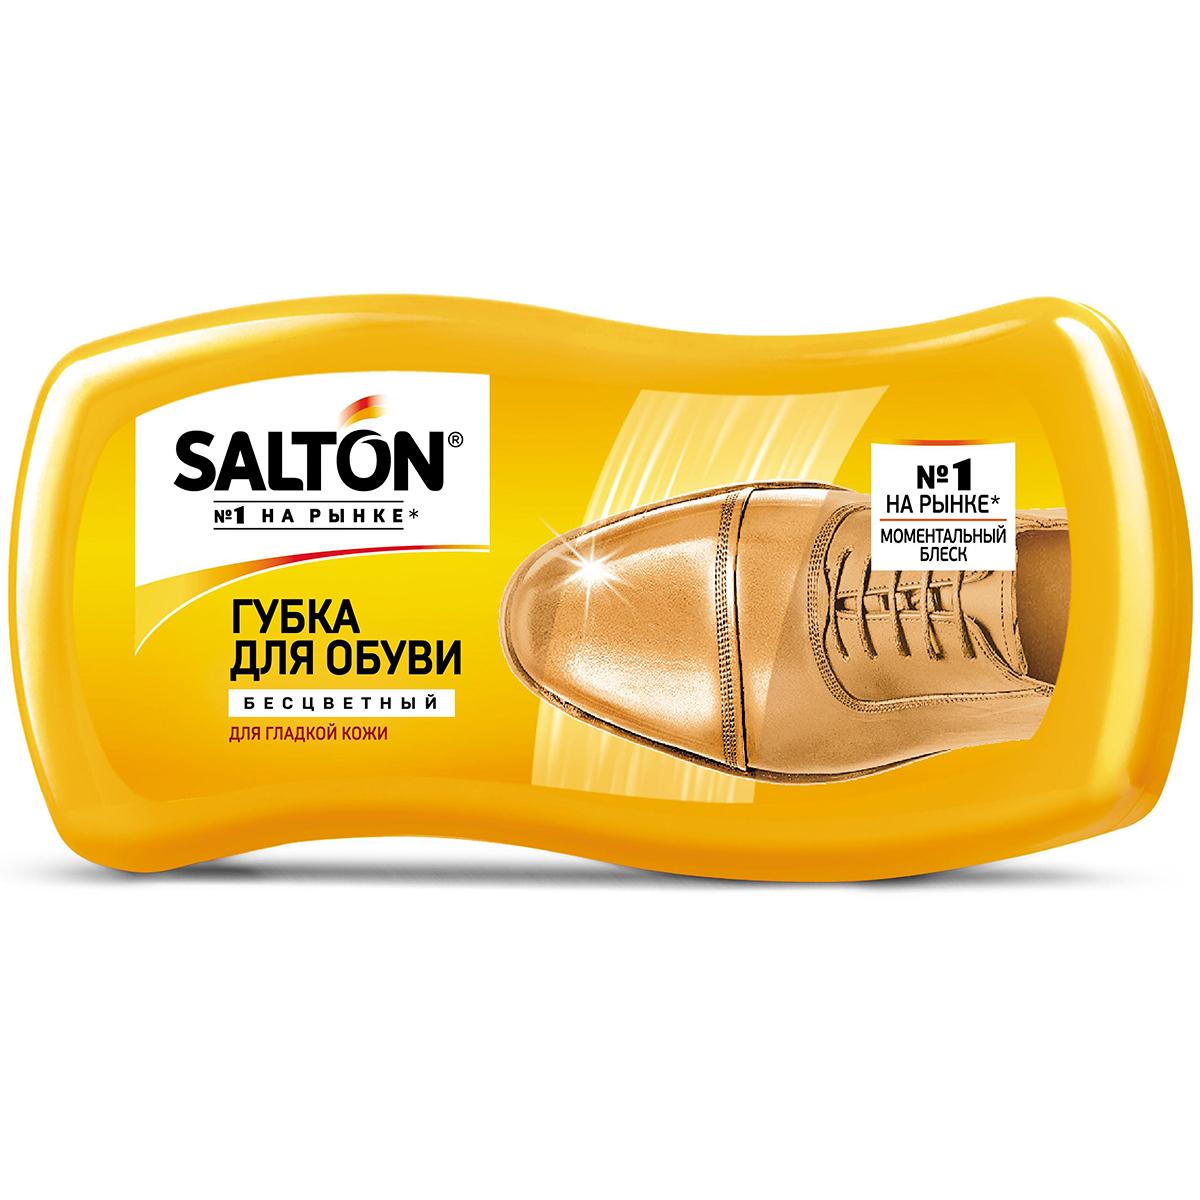 Фото - Губка Salton Волна для обуви из гладкой кожи 52/86 губка для обуви salton волна черная для гладкой кожи с норковым маслом